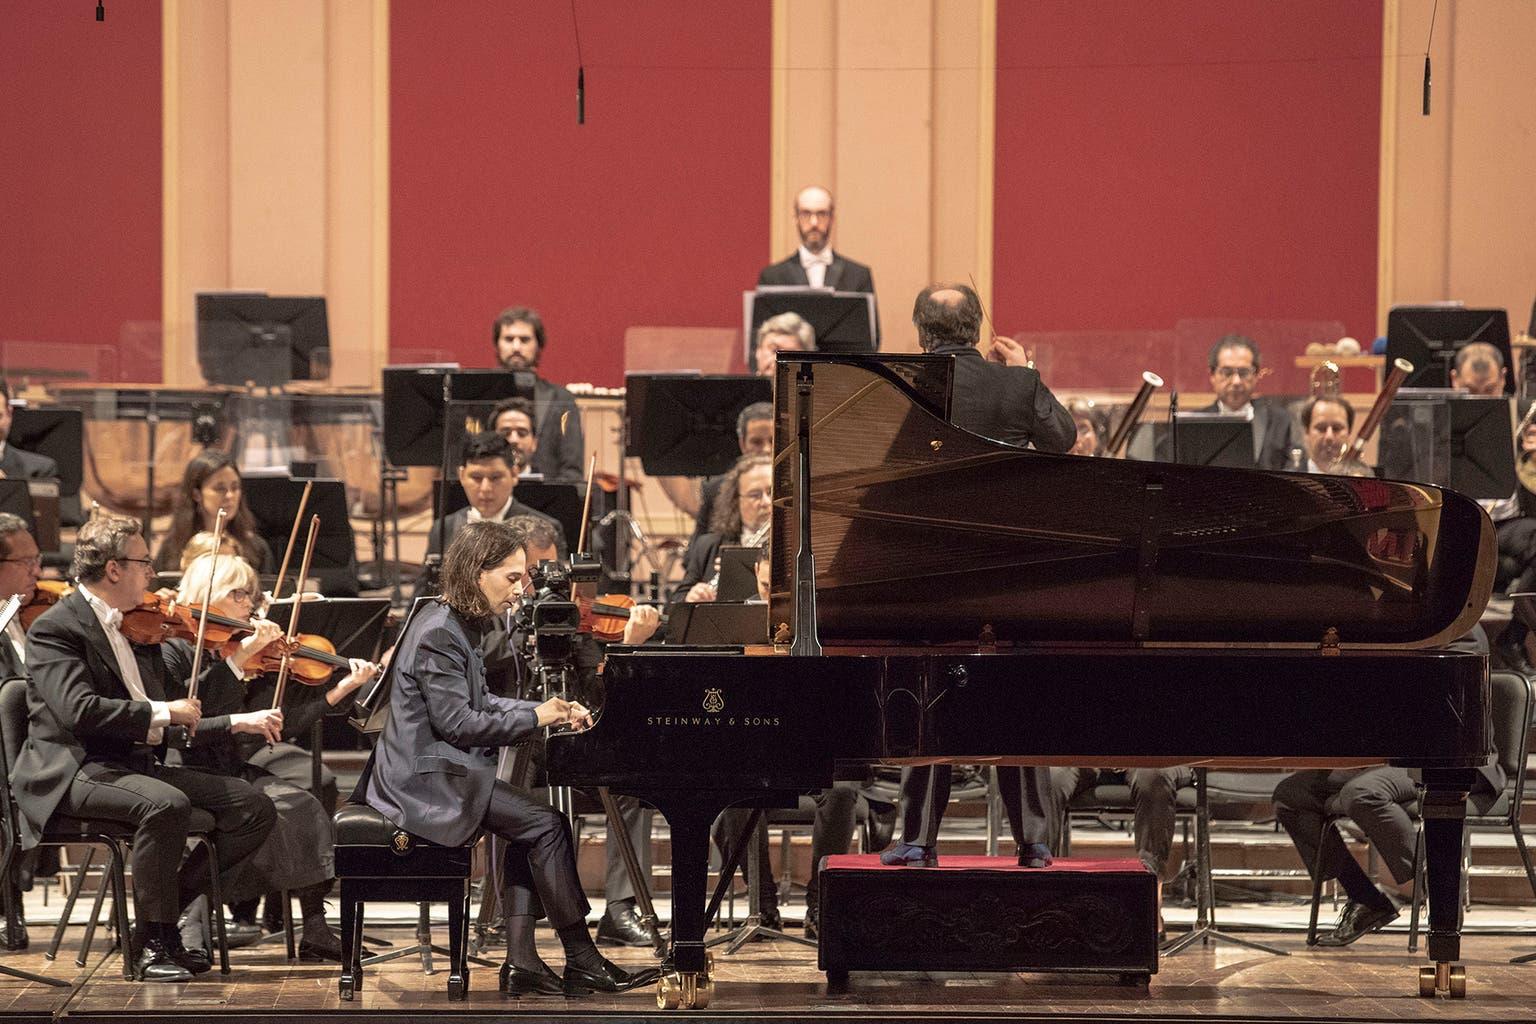 """""""Ahora aposté por proyectos que me hicieron crecer y estoy contento. En los próximos seis meses tengo conciertos en el Carnegie Hall (Nueva York) y en la Filarmónica de Berlín. Estoy bien. Más que eso no existe"""", comenta Lavandera"""